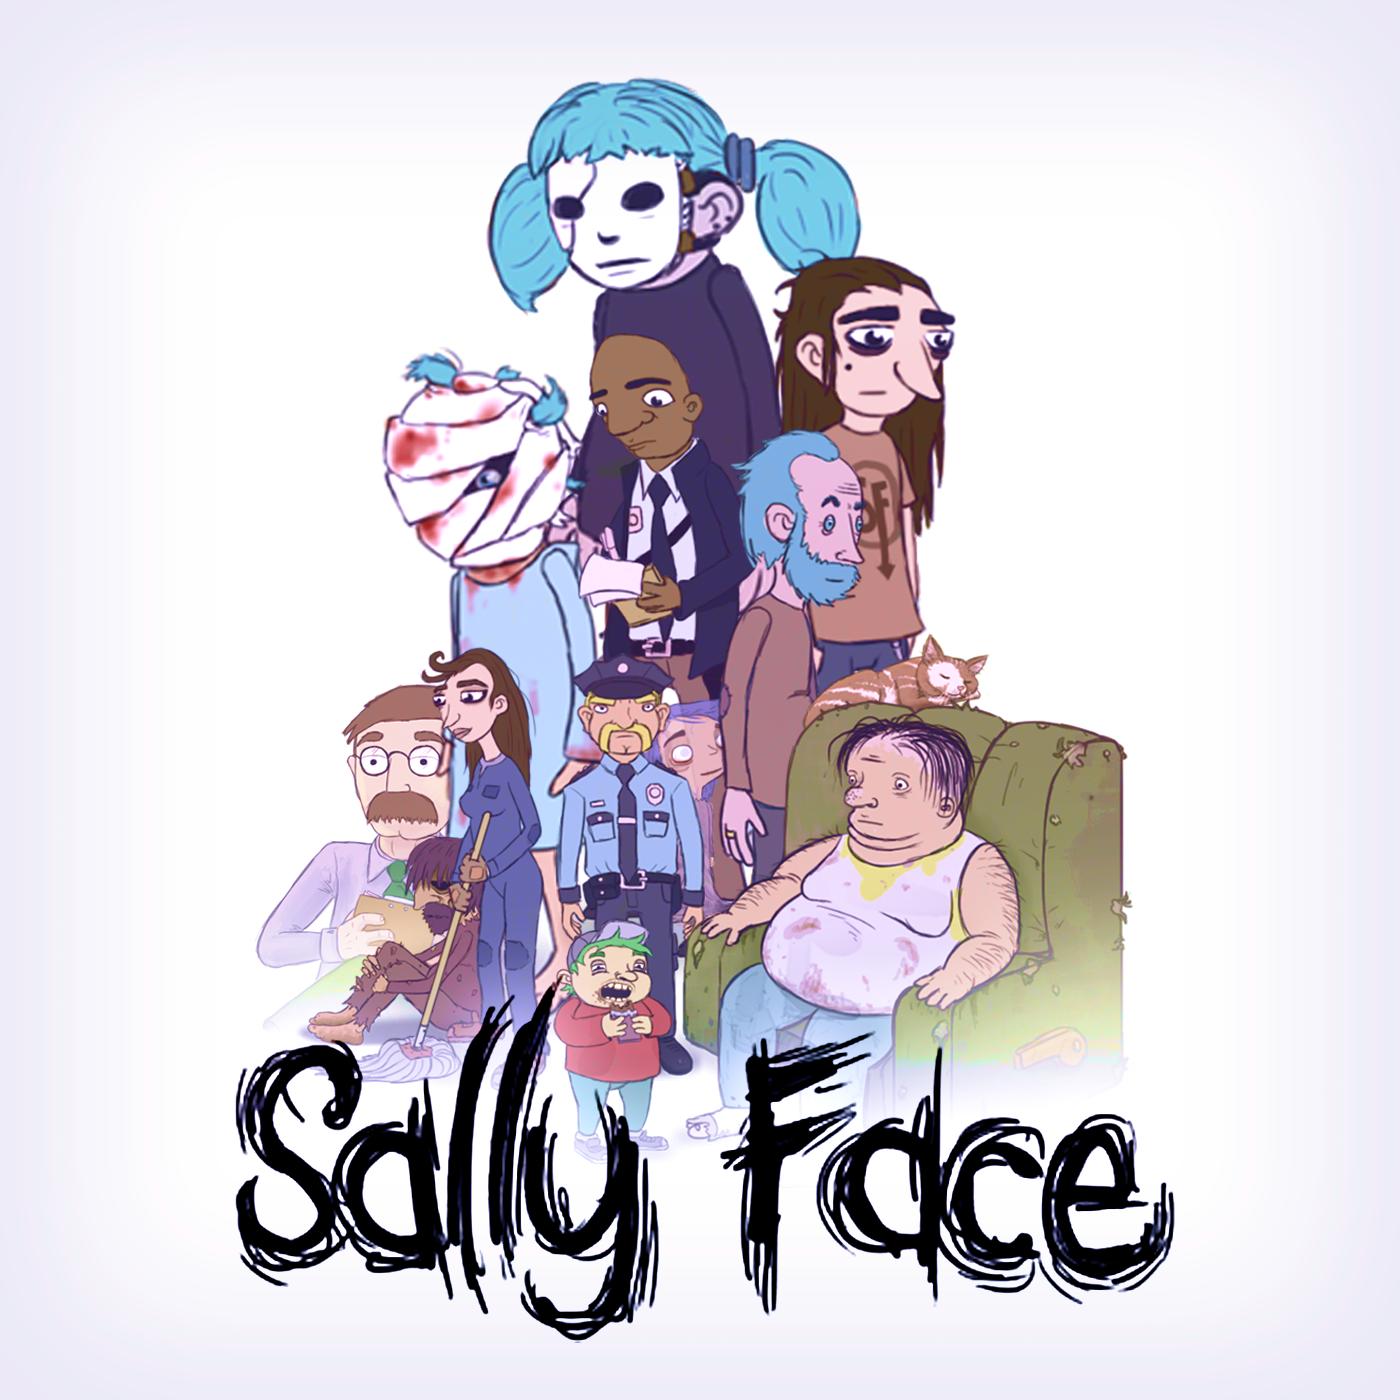 Sally face скачать игру